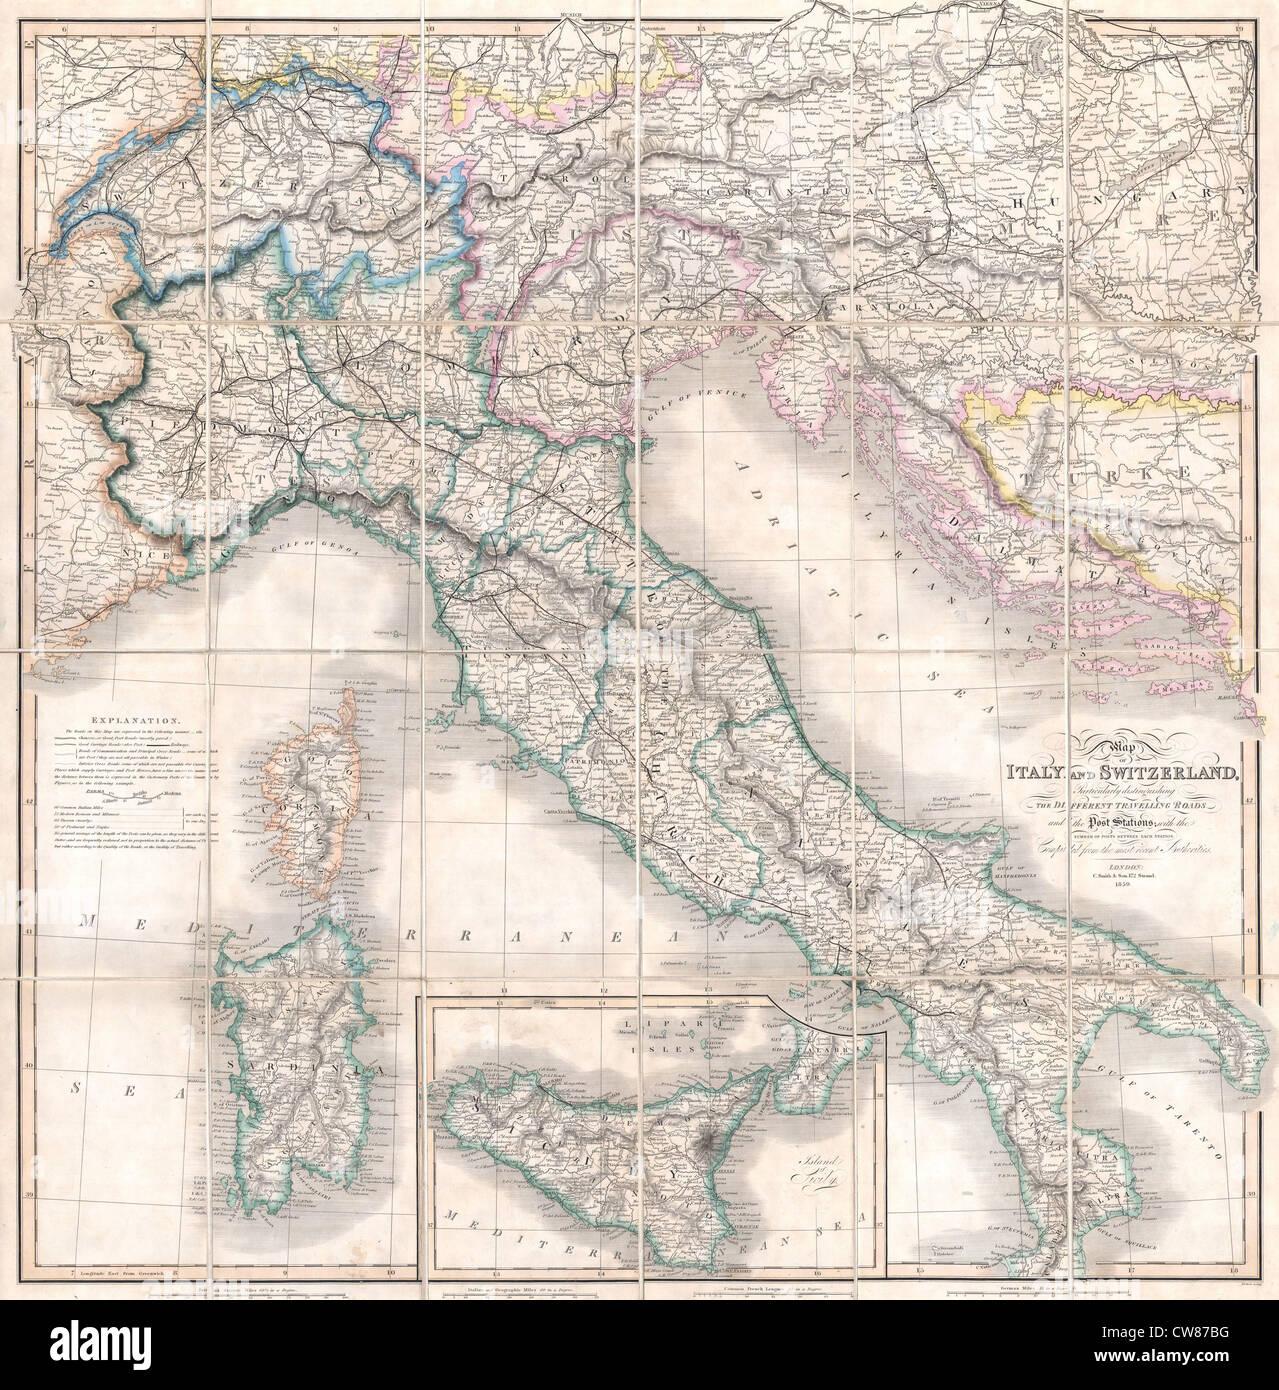 1859 Smith Folding Case Map of Italy and Switzerland - Stock Image